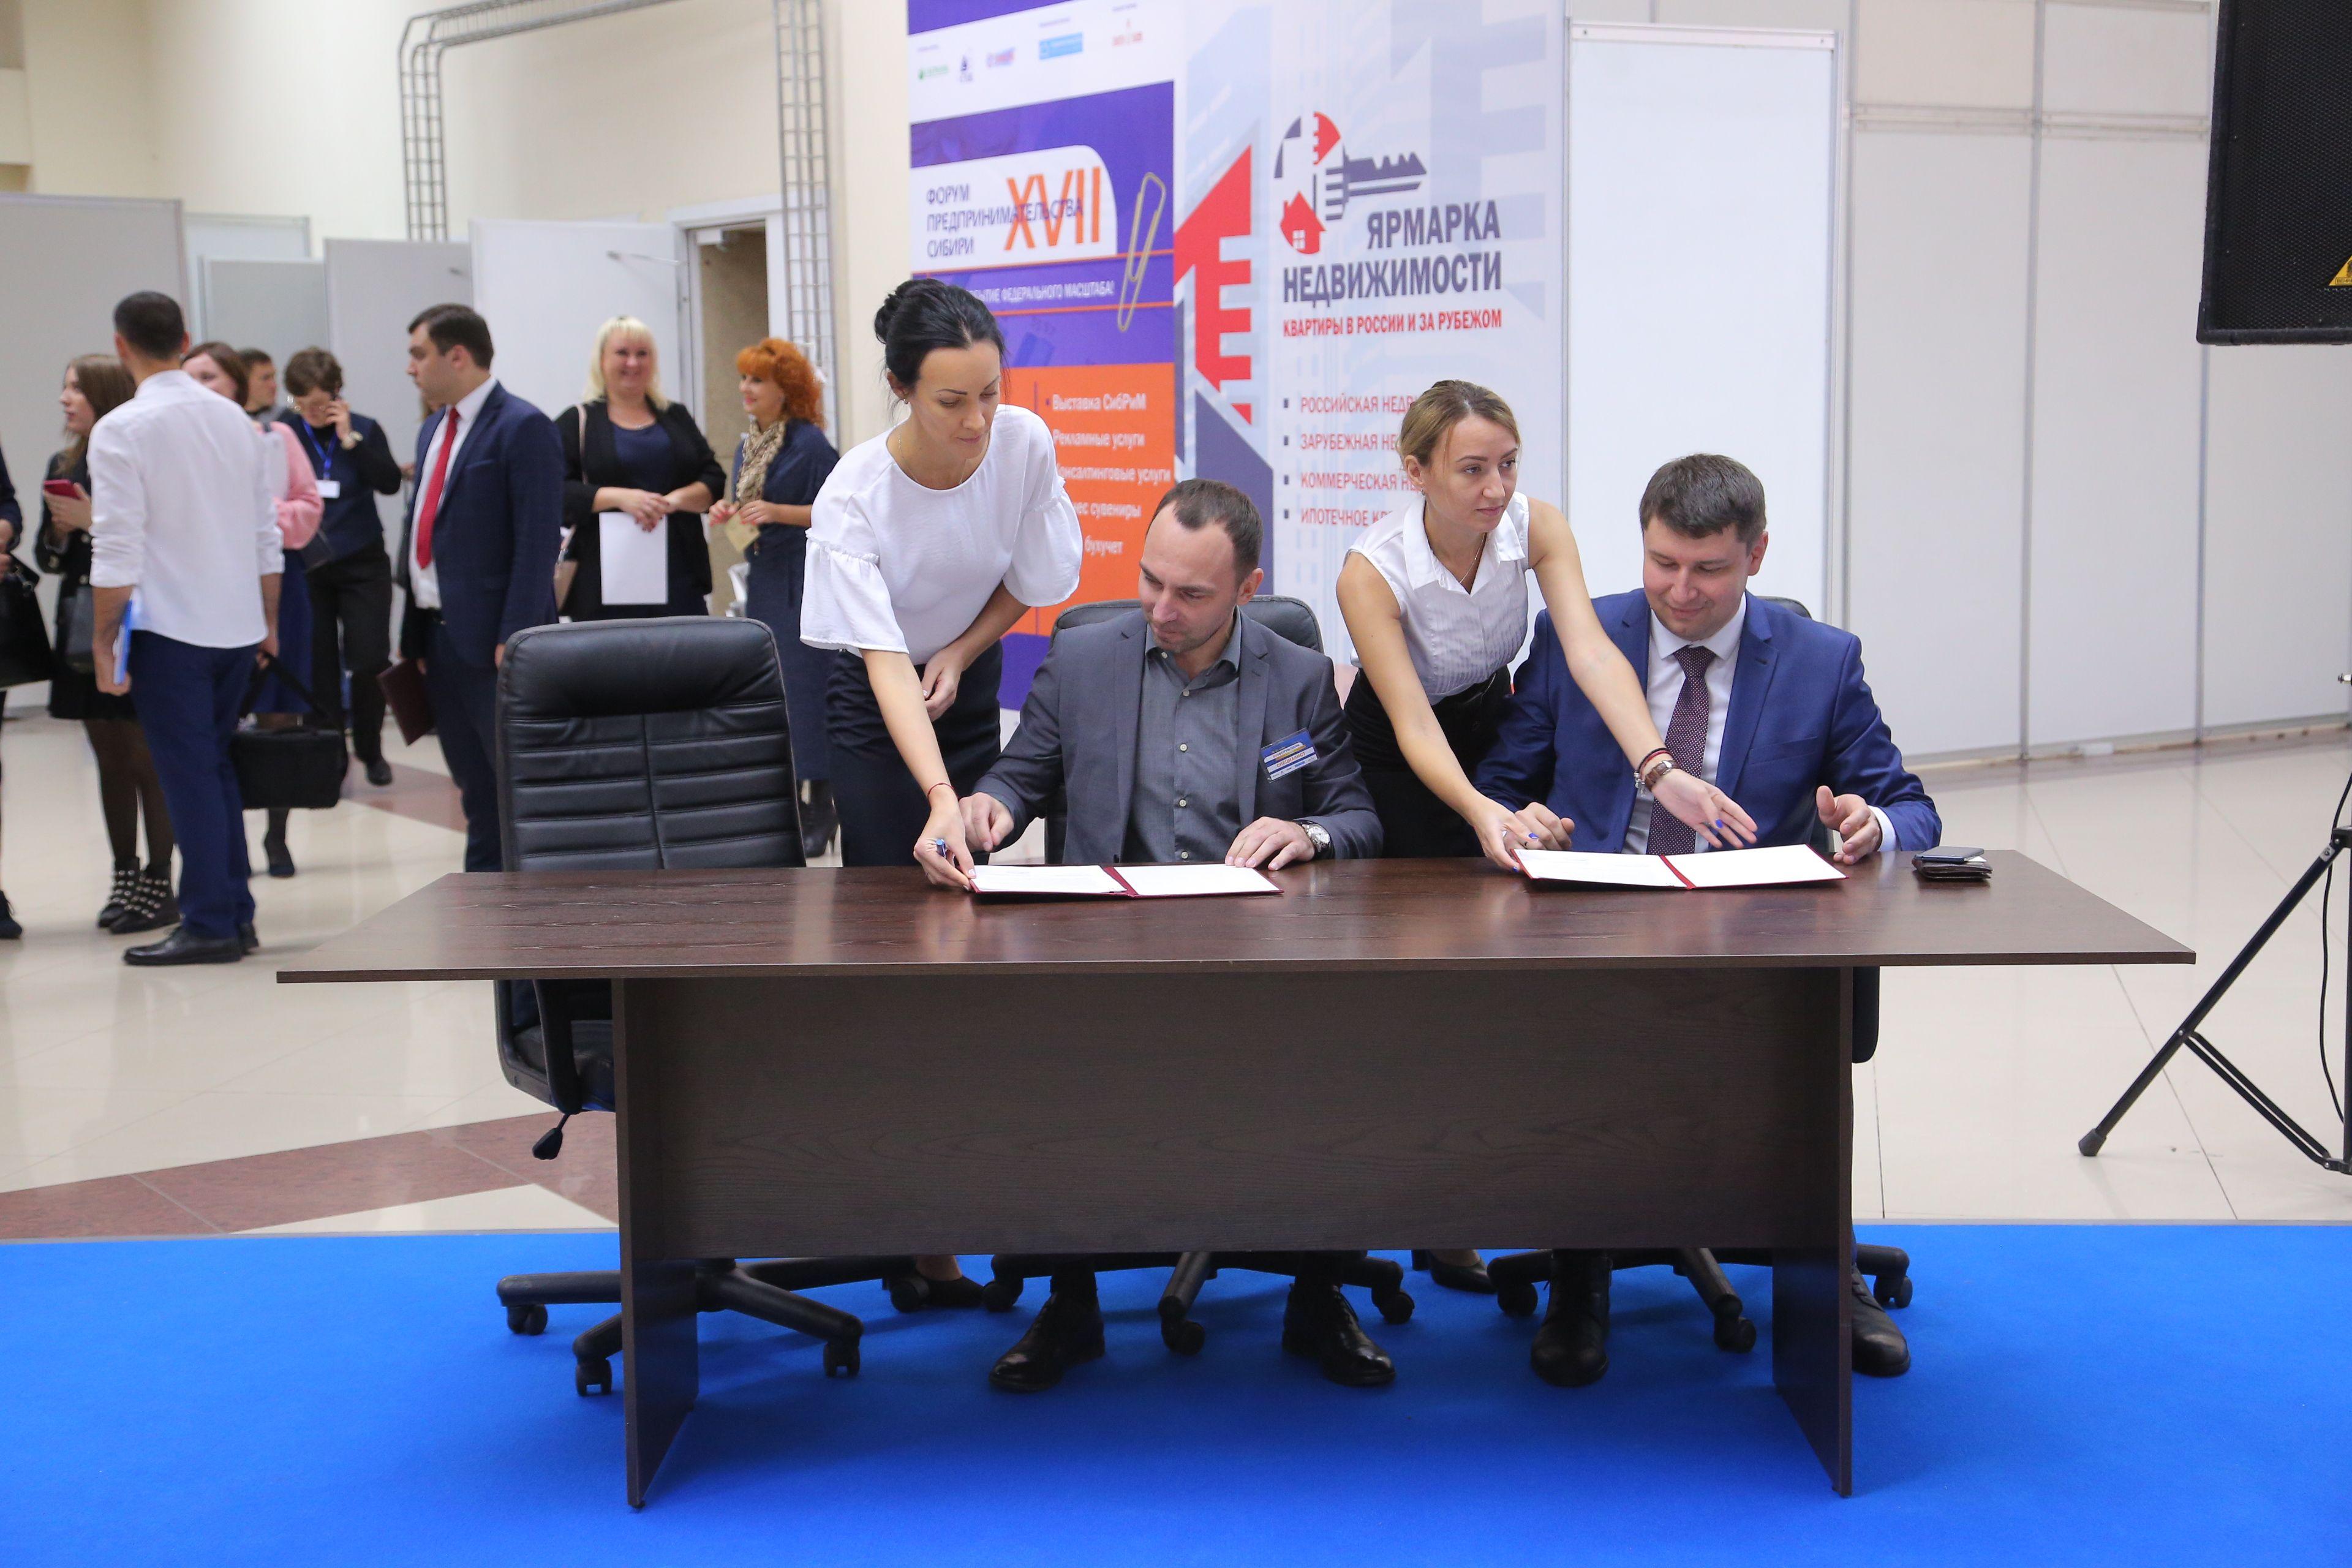 Агентство развития Норильска и Агентство развития бизнеса договорились о сотрудничестве